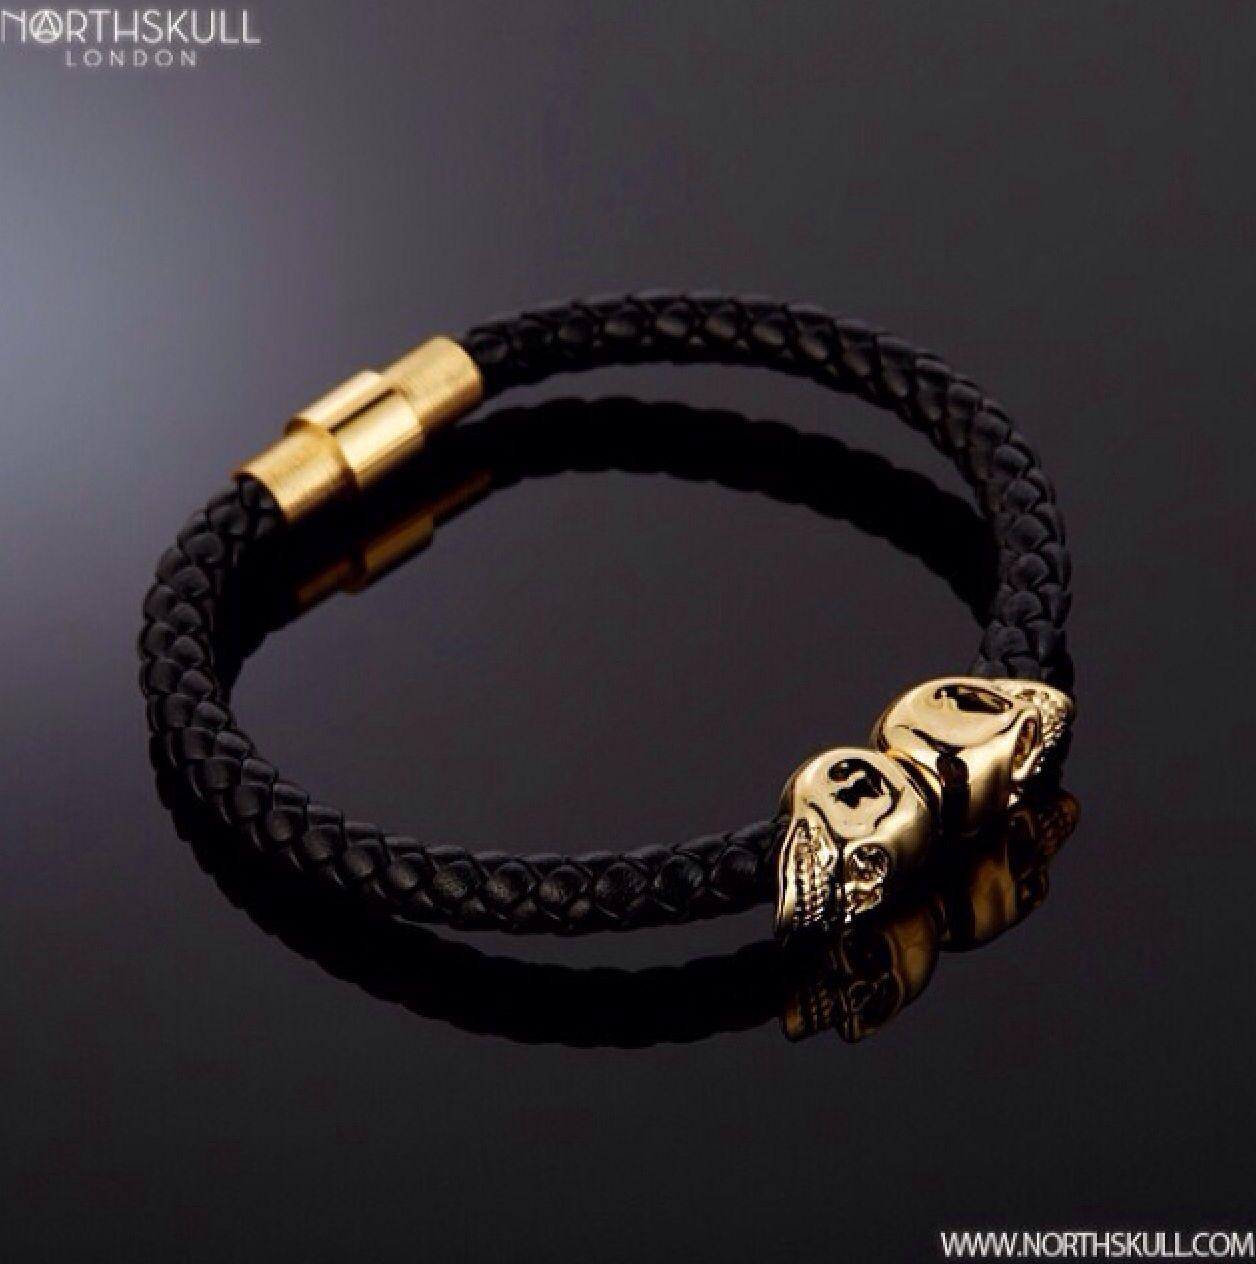 Northskull ideeën voor het huis pinterest bracelets mens